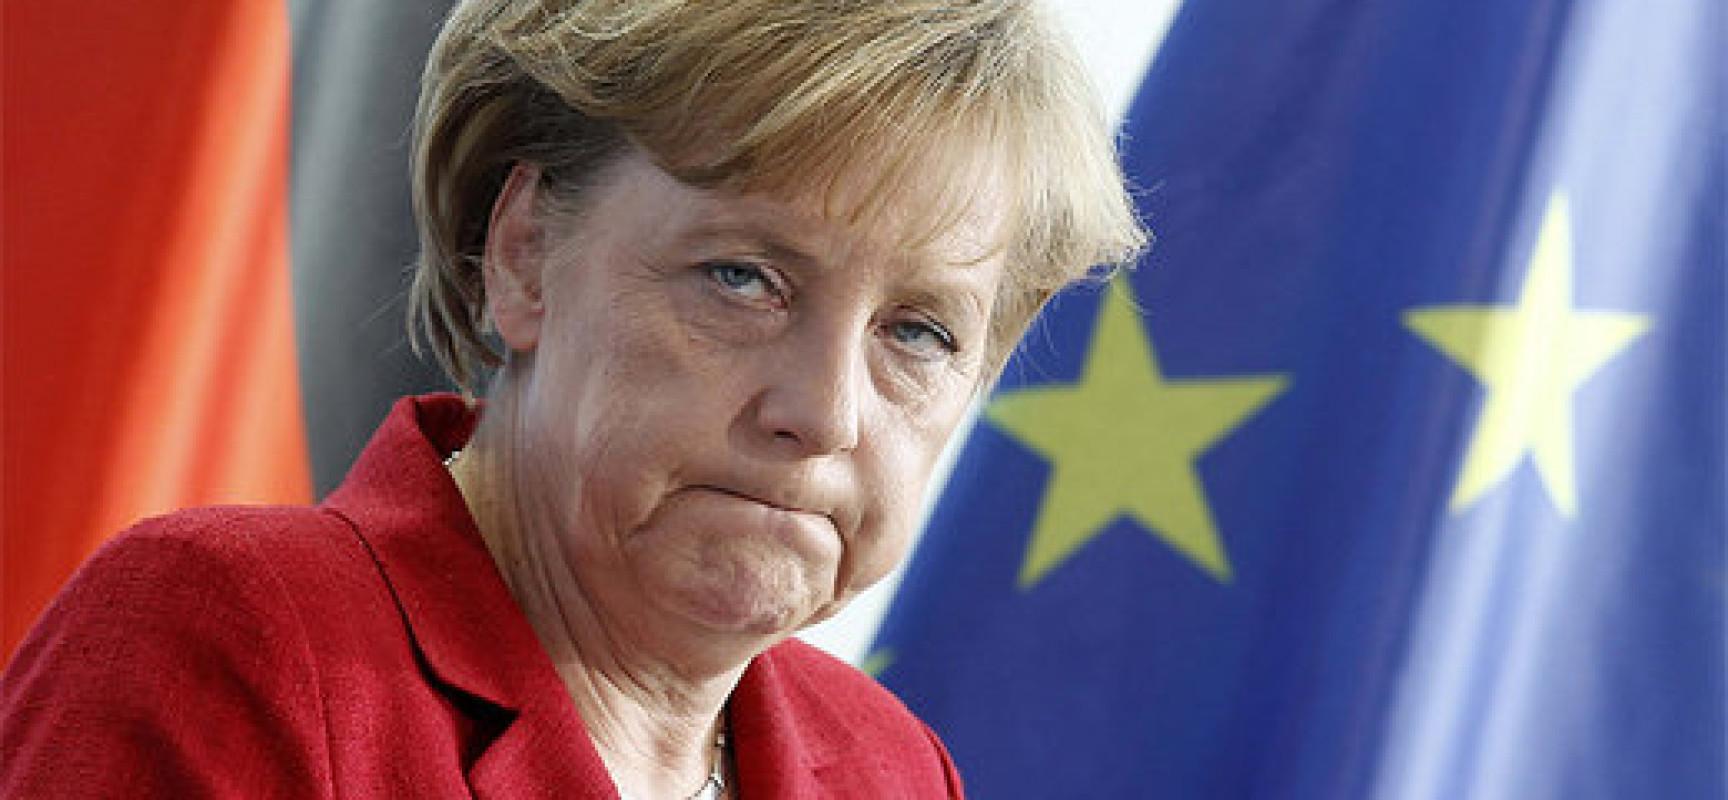 Соратники Меркель розкритикували її через ситуацію з біженцями